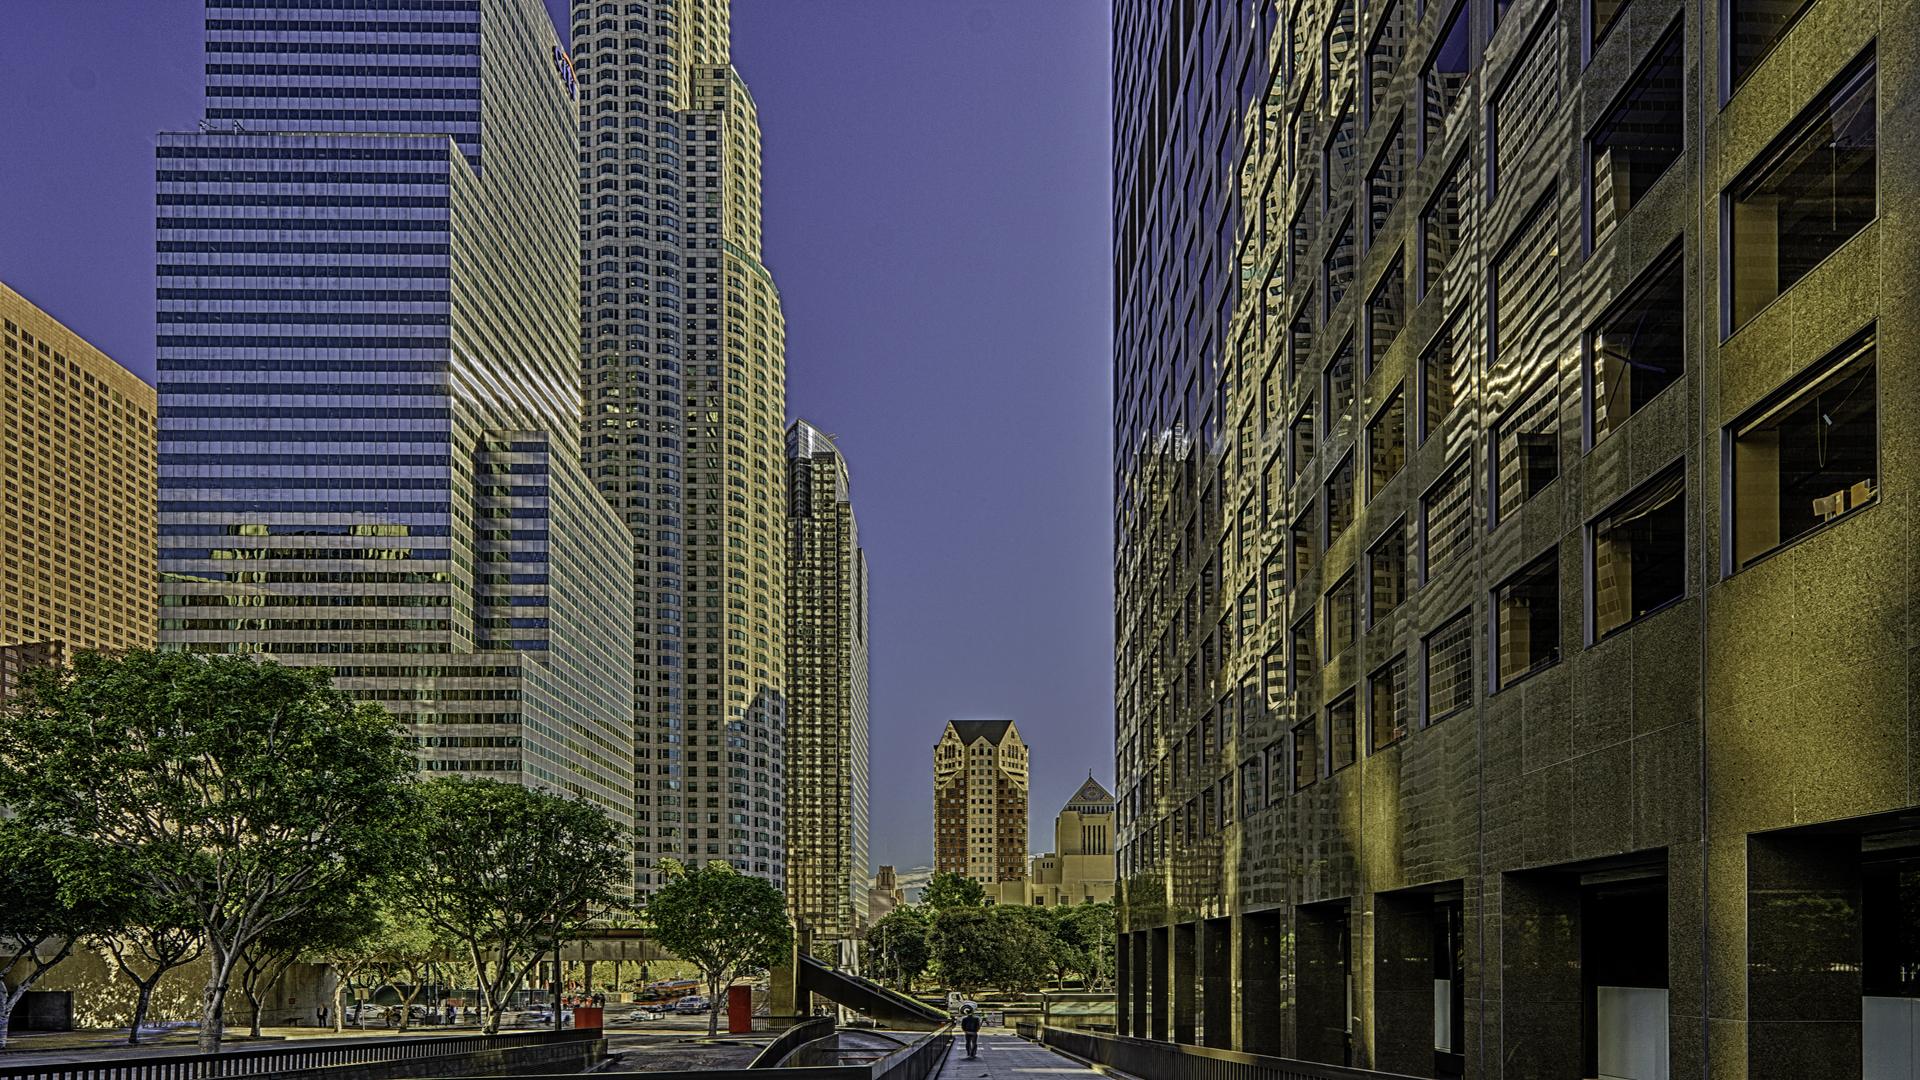 DowntownLA2, Los Angeles cityscape